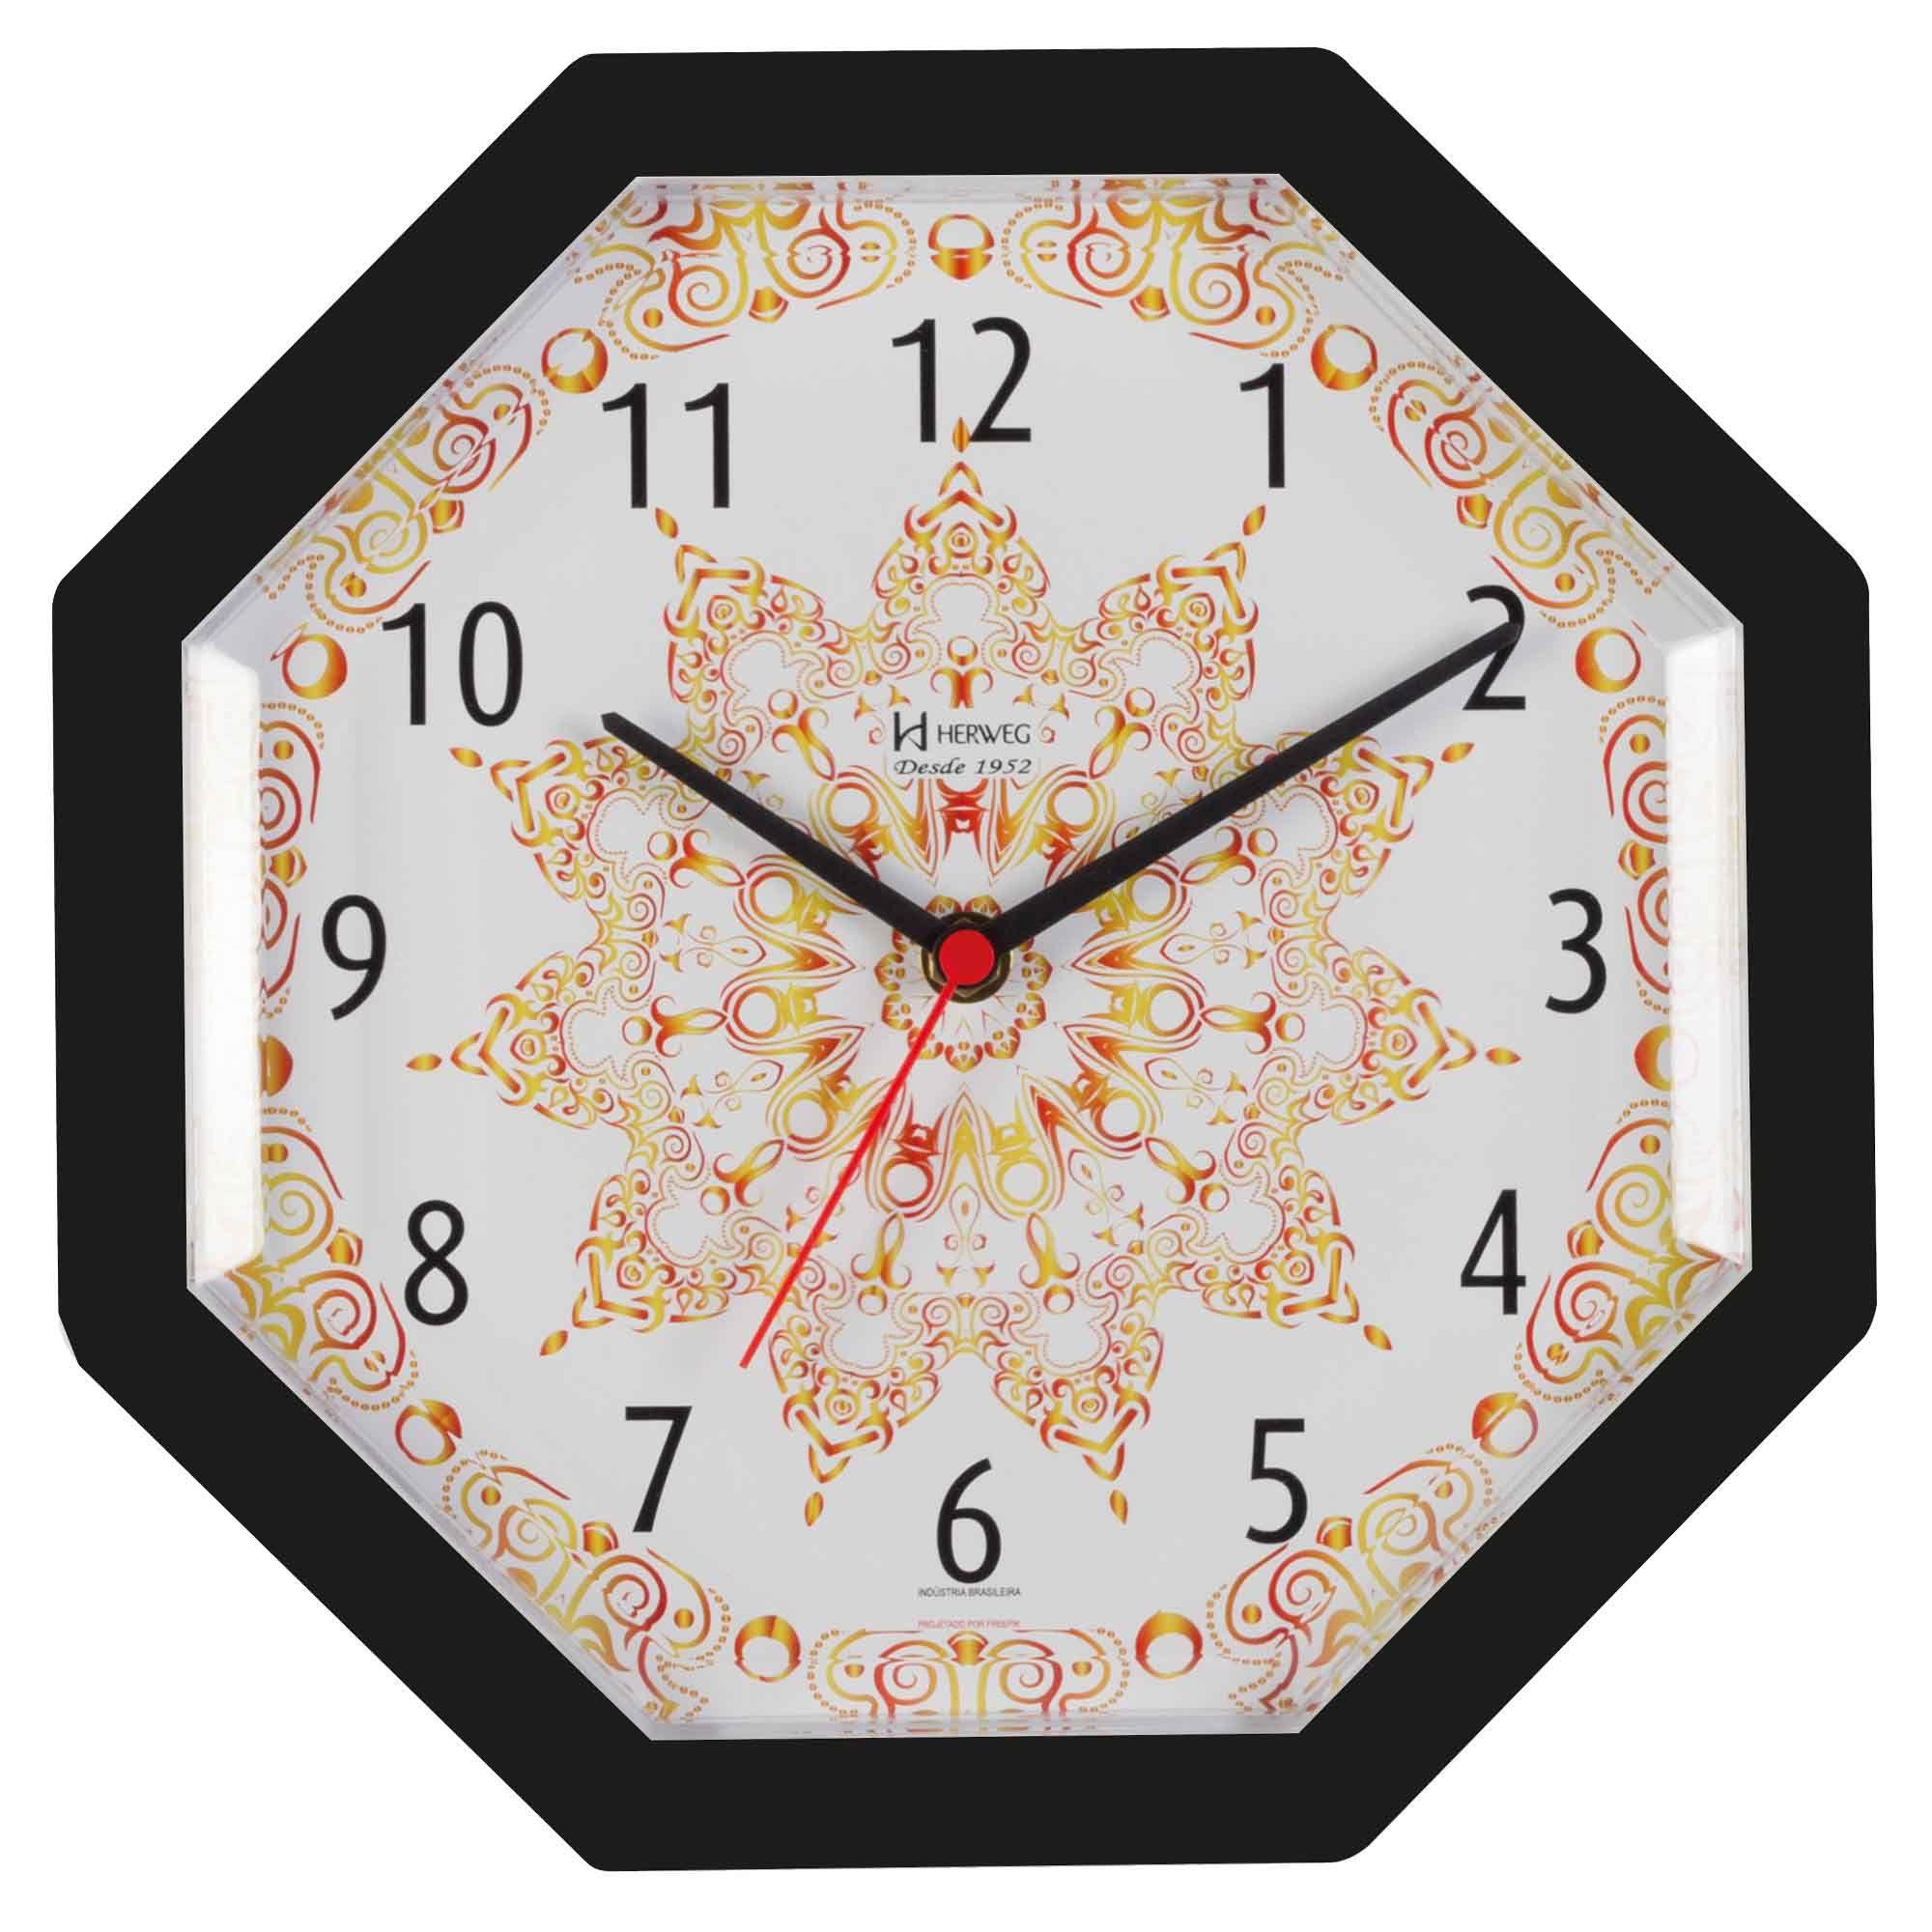 Relógio de Parede Analógico Herweg 660024 034 Preto